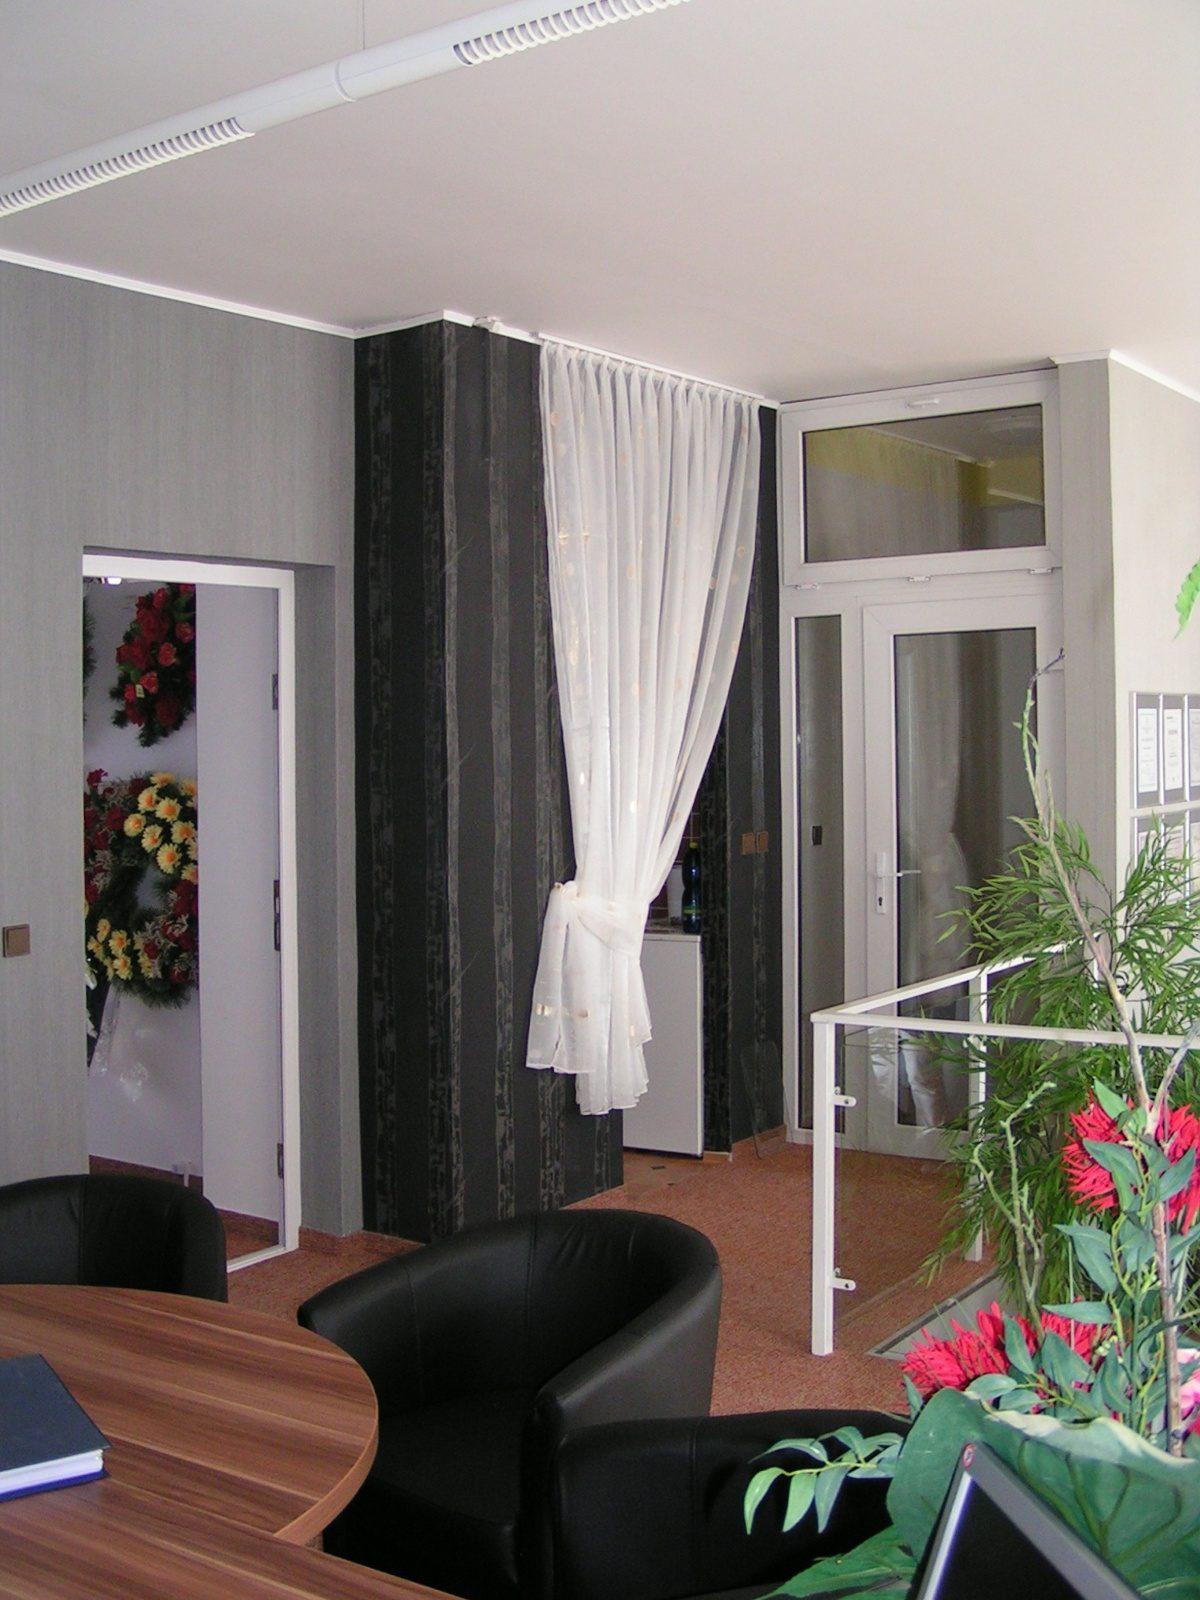 kancelar-pohrebni-sluzby-mlada-boleslav-laurinova (7)